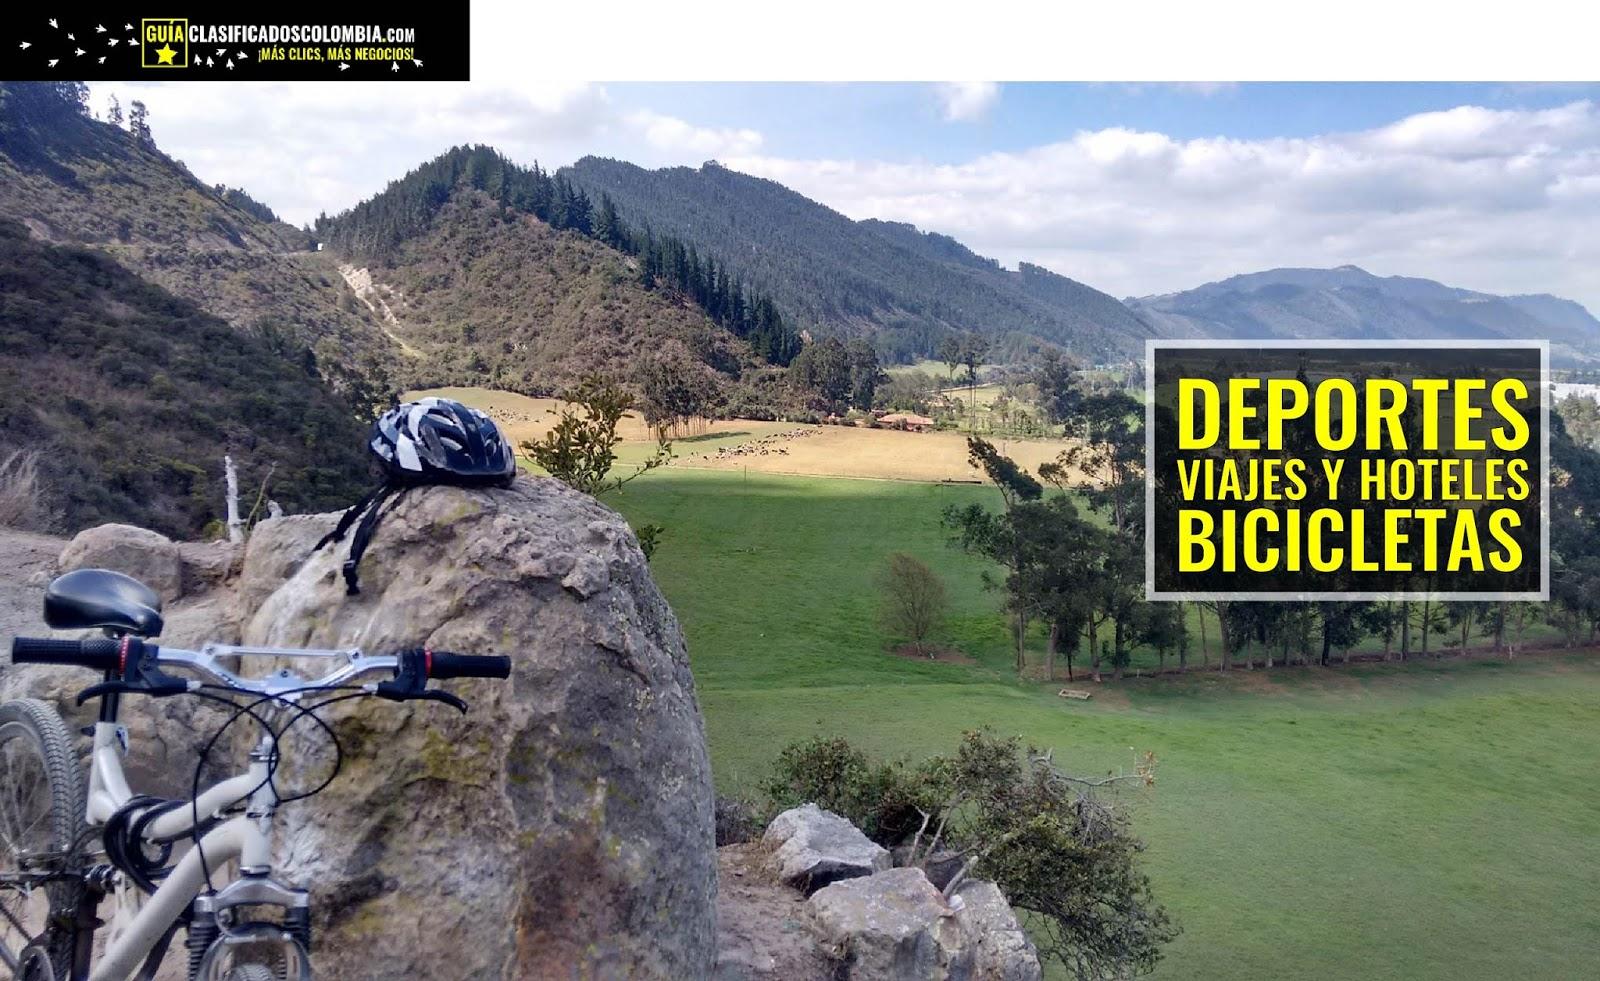 Compra y venta de bicicletas usadas en Bogota